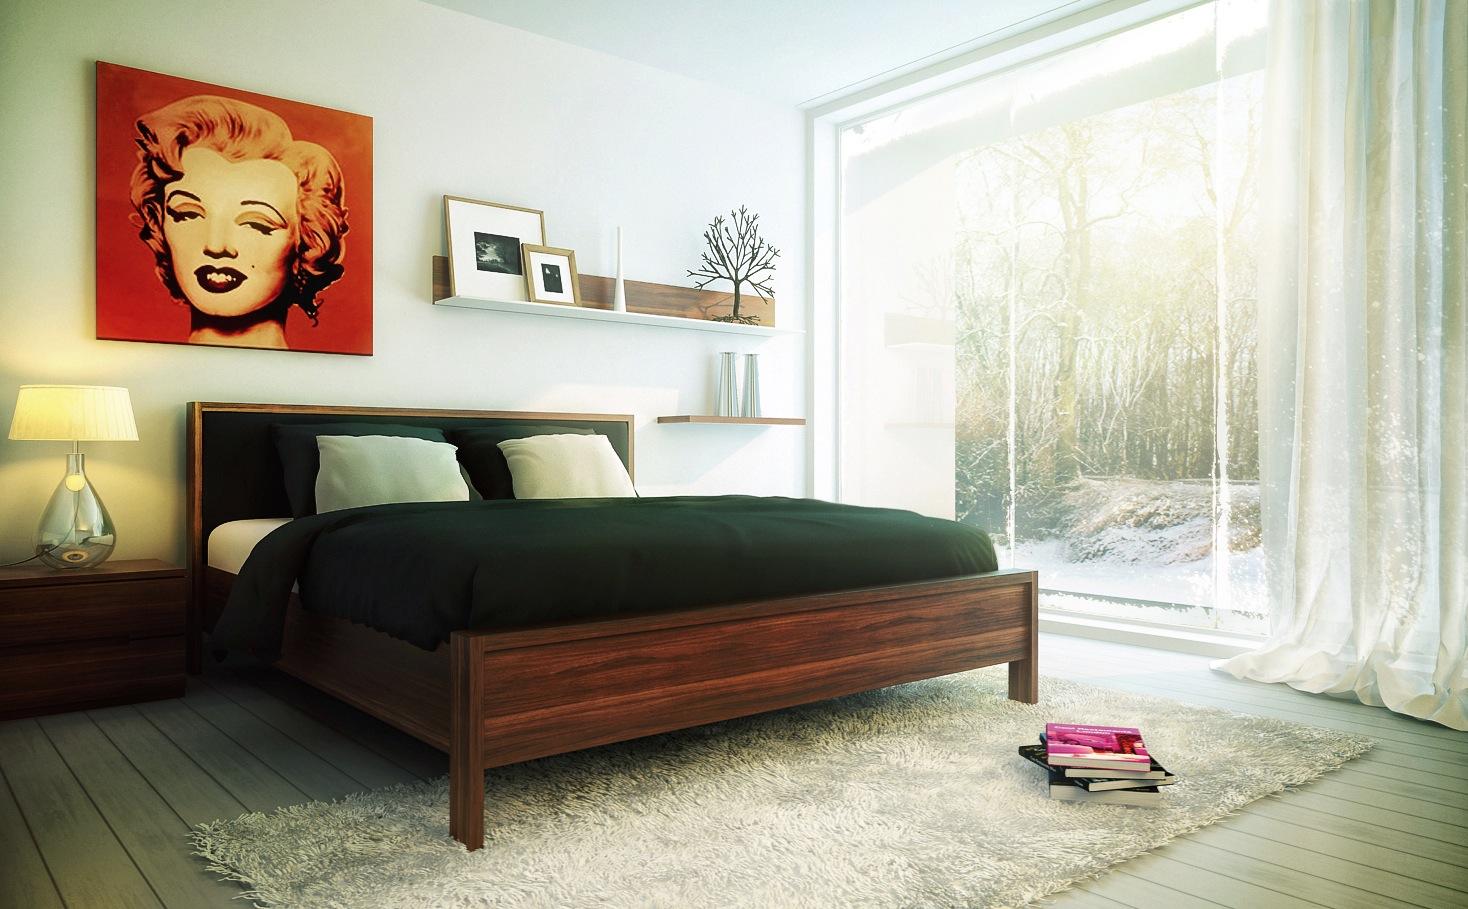 Understated-bedroom-decor-pop-art